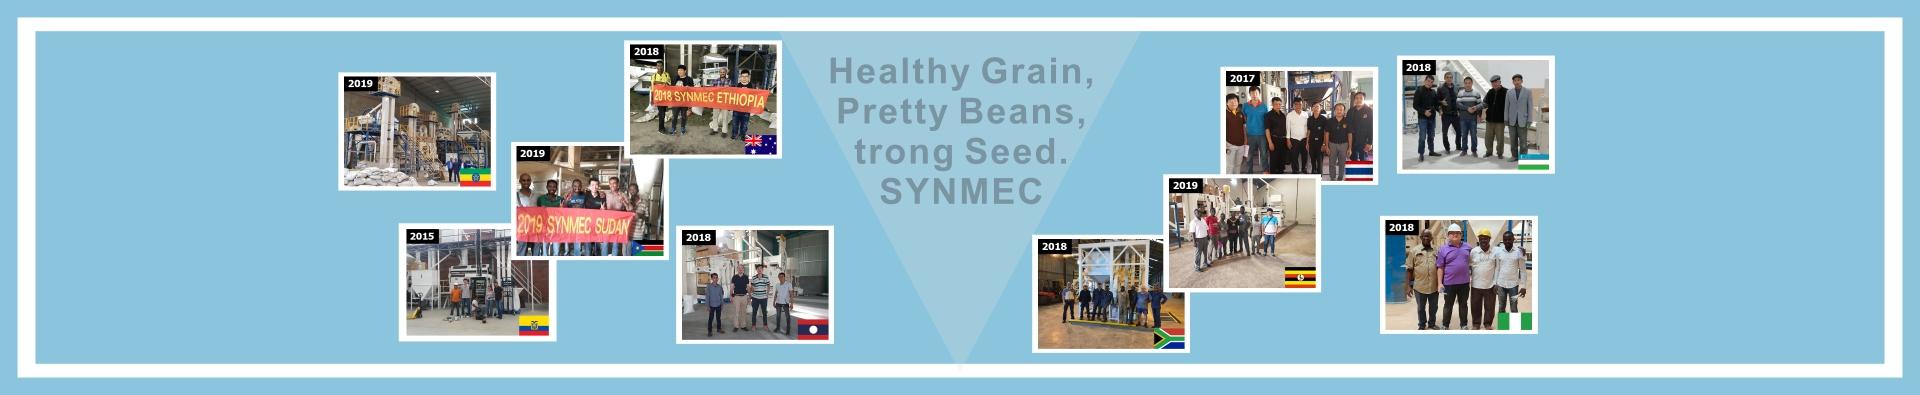 Healthy Grain